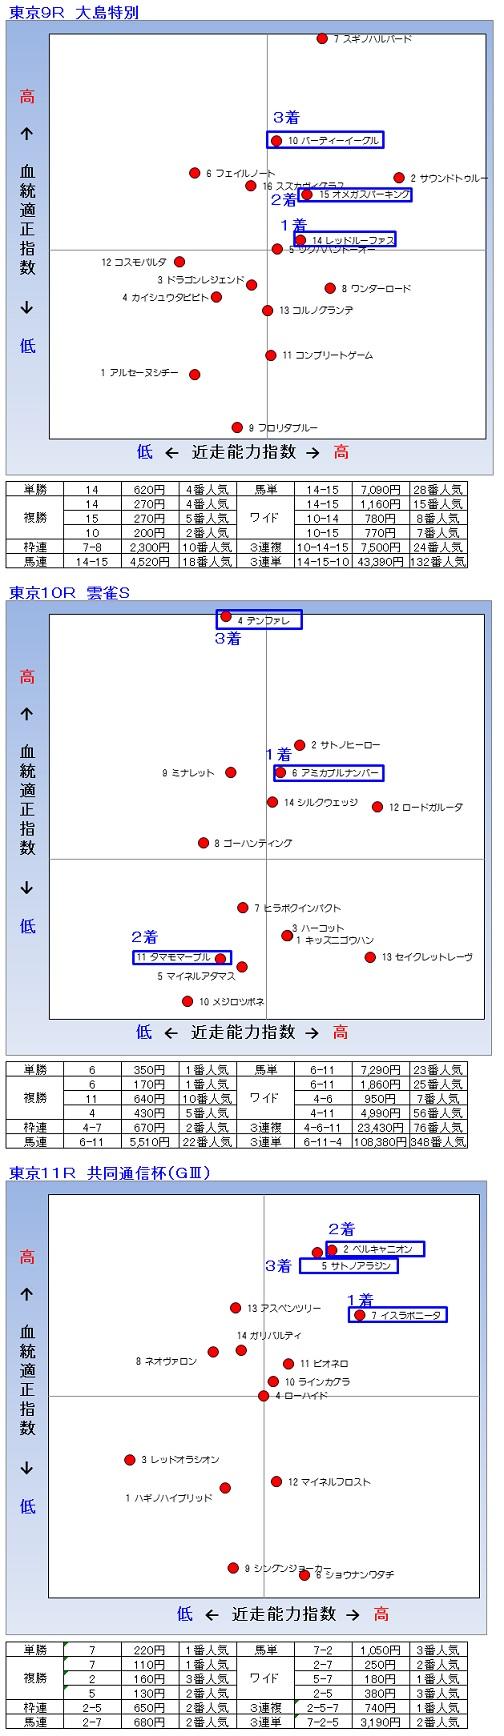 2014-02-24結果